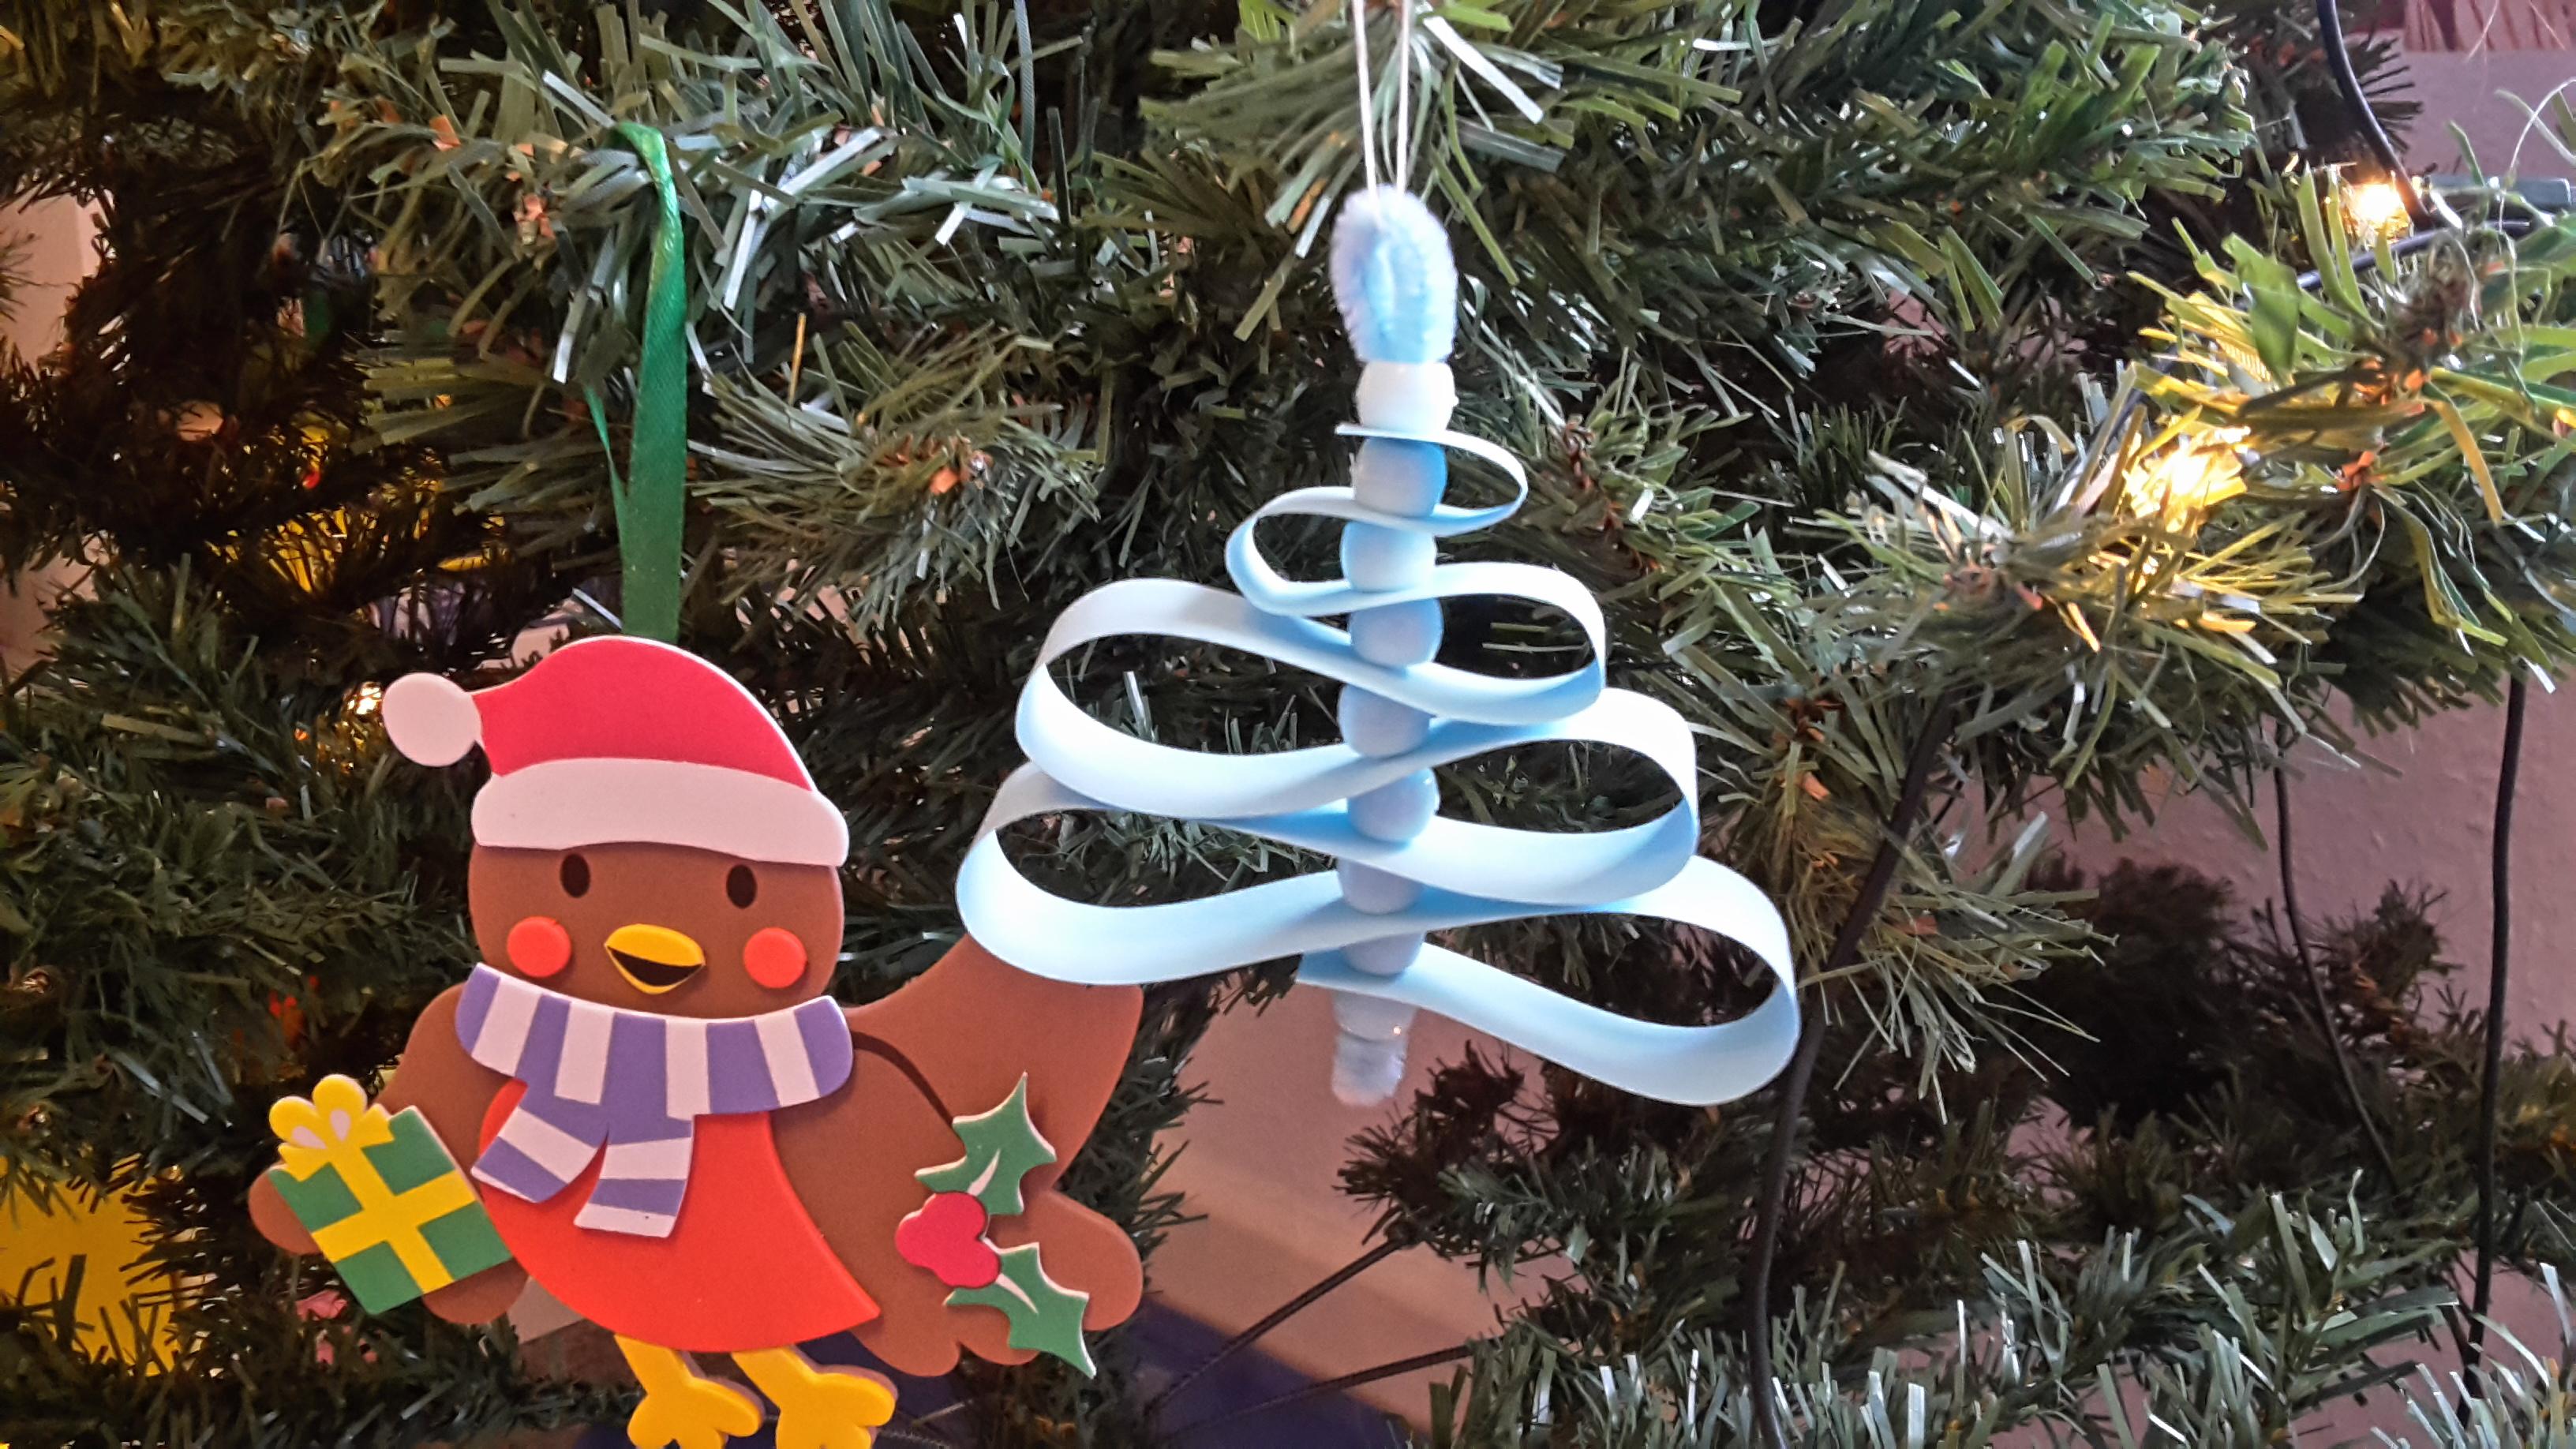 Wir schmücken den Weihnachtsbaum Teil II – 2016